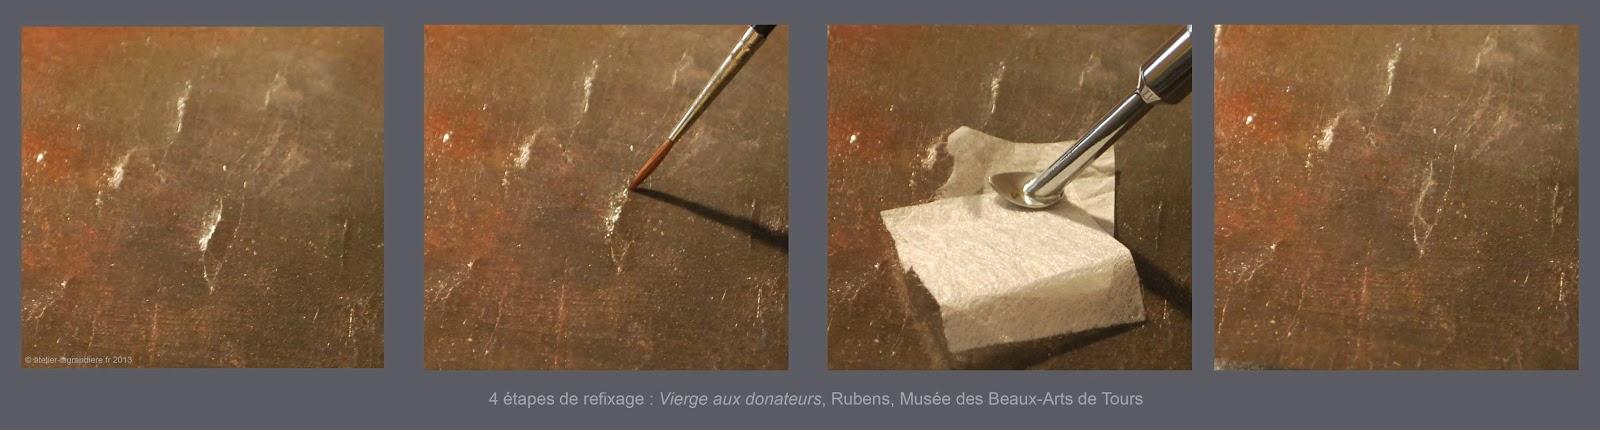 Restauration de epintures (Musée des Beaux-Arts de Tours)